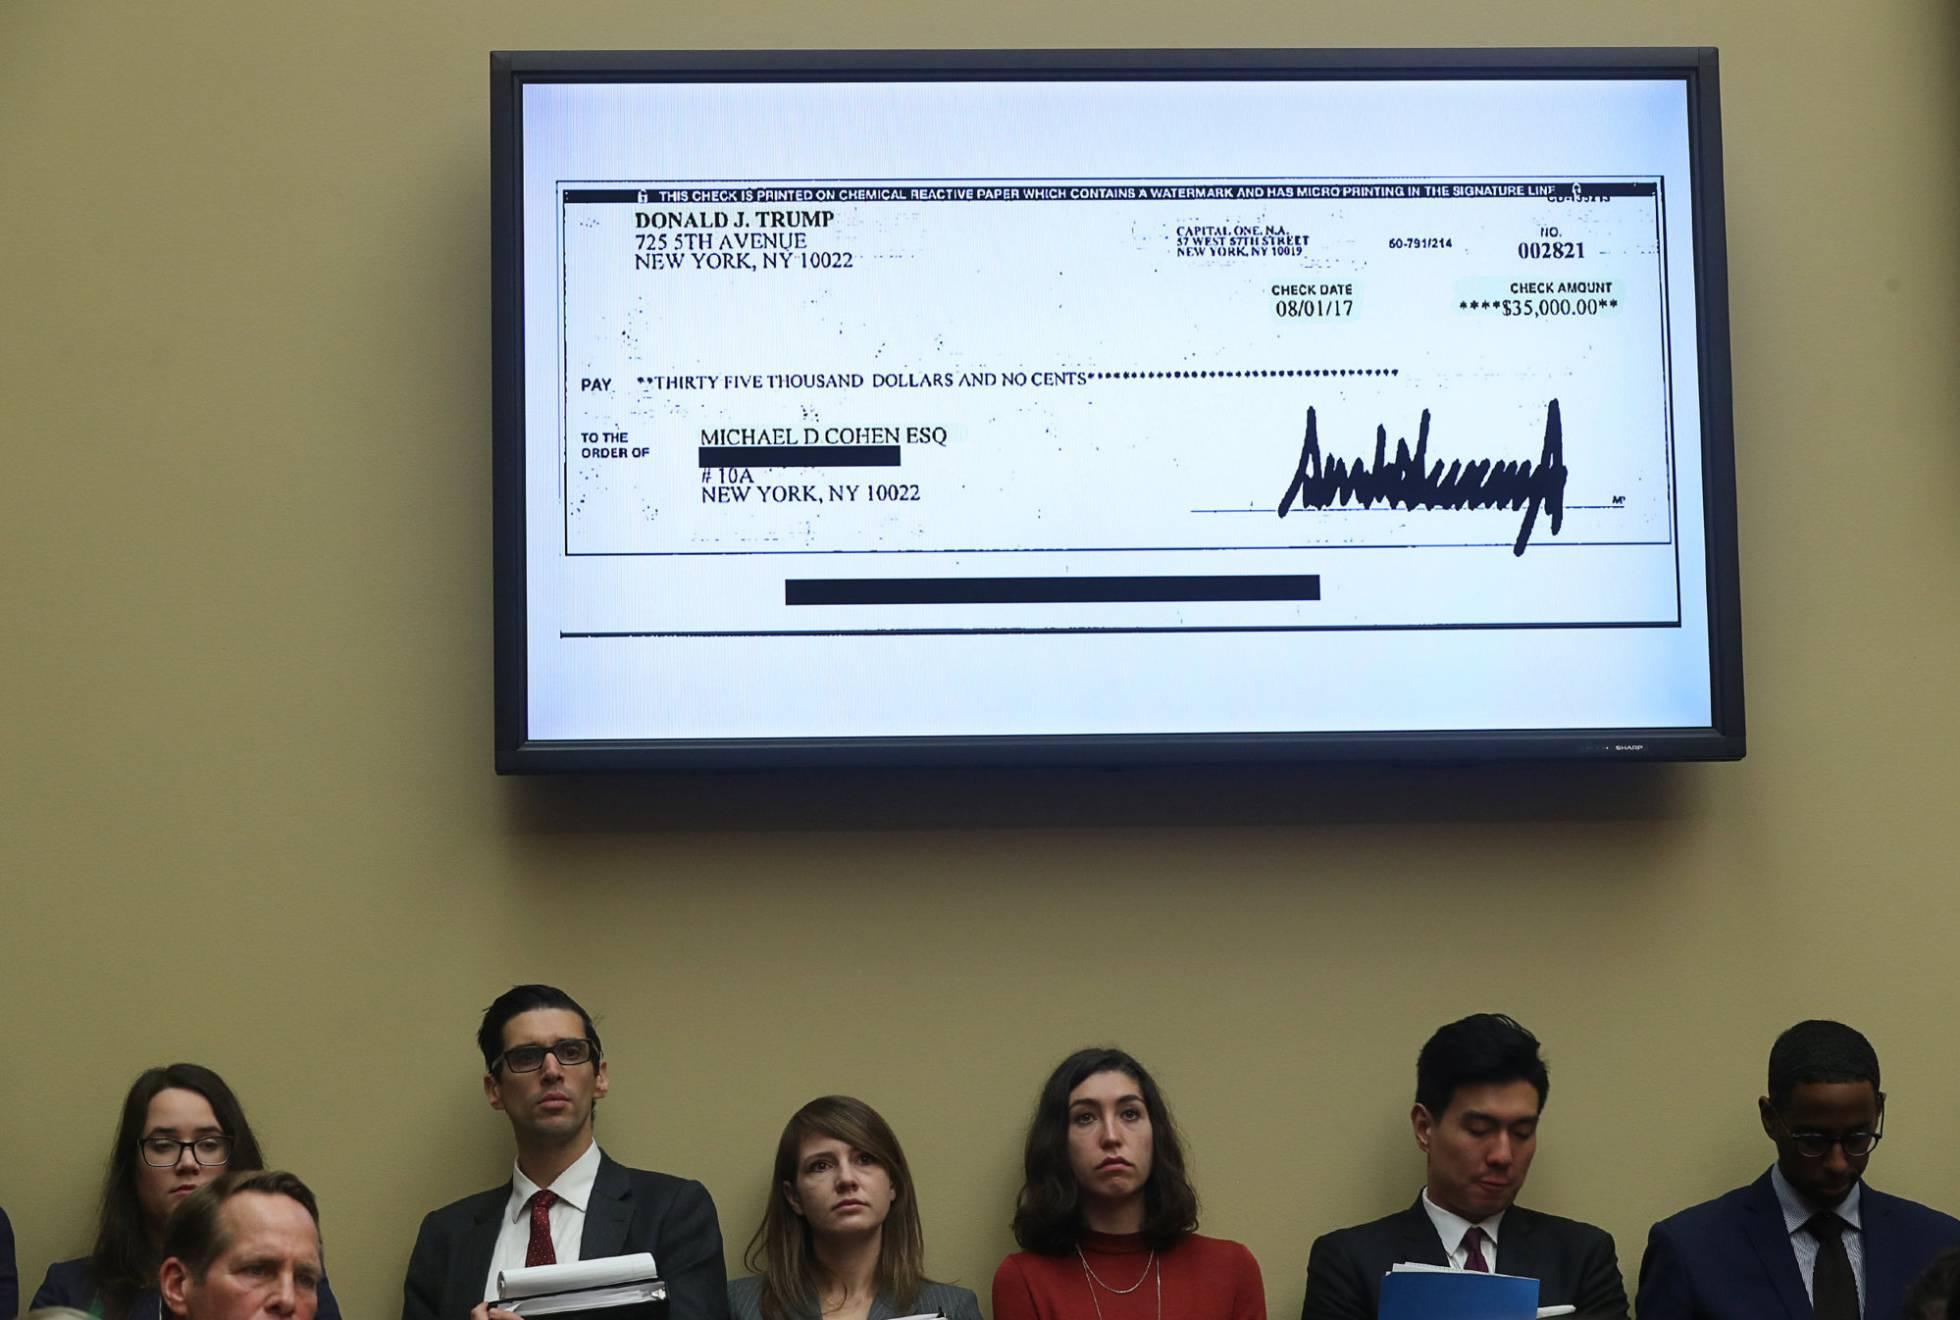 Una copia del cheque firmado por Trump y aportado por Cohen exhibido en una pantalla durante la comparecencia de este miércoles en el Capitolio. JONATHAN ERNST REUTERS